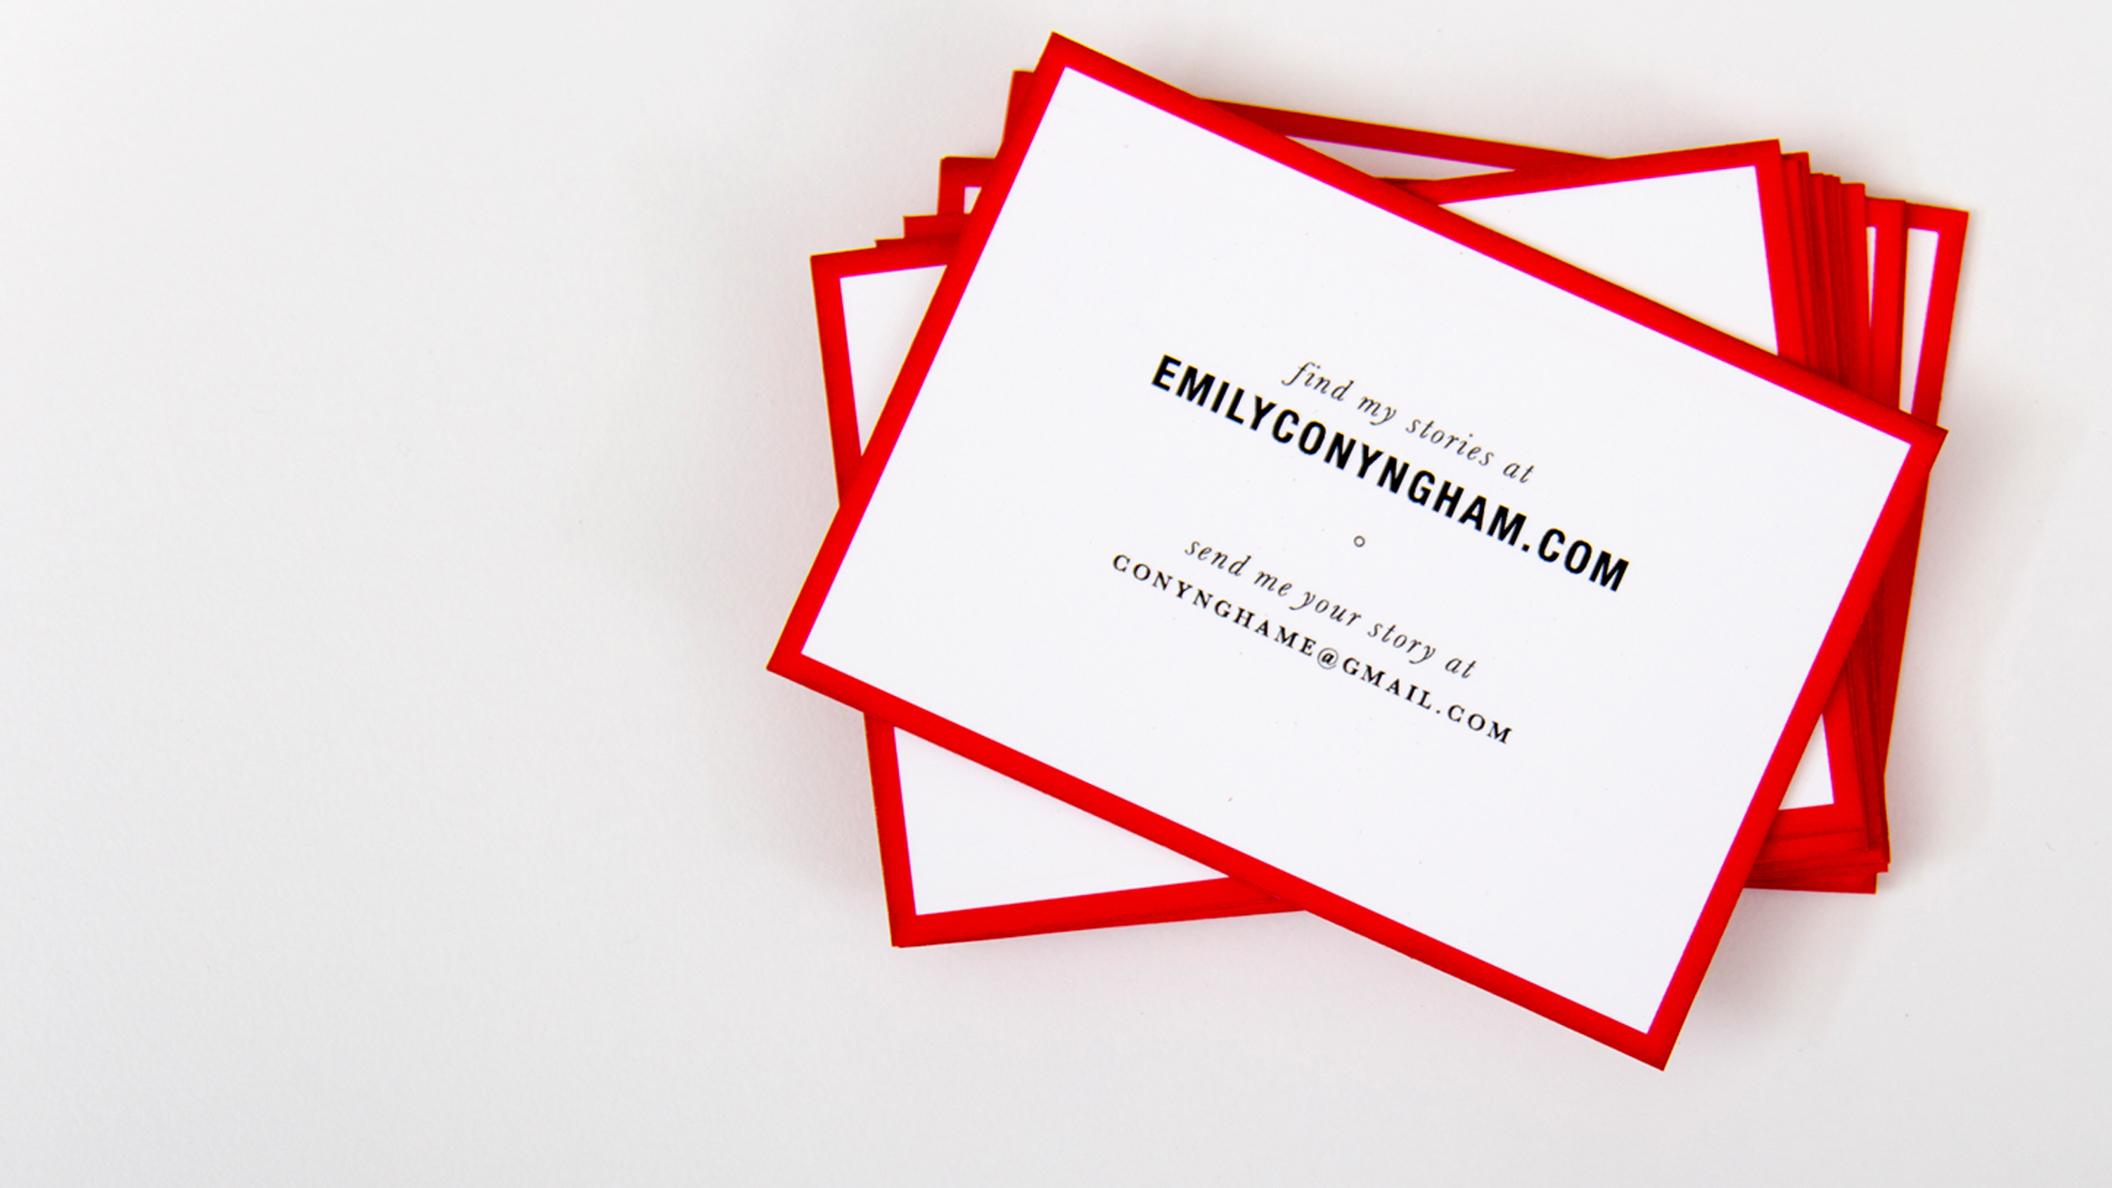 Branding: Emily Conyngham